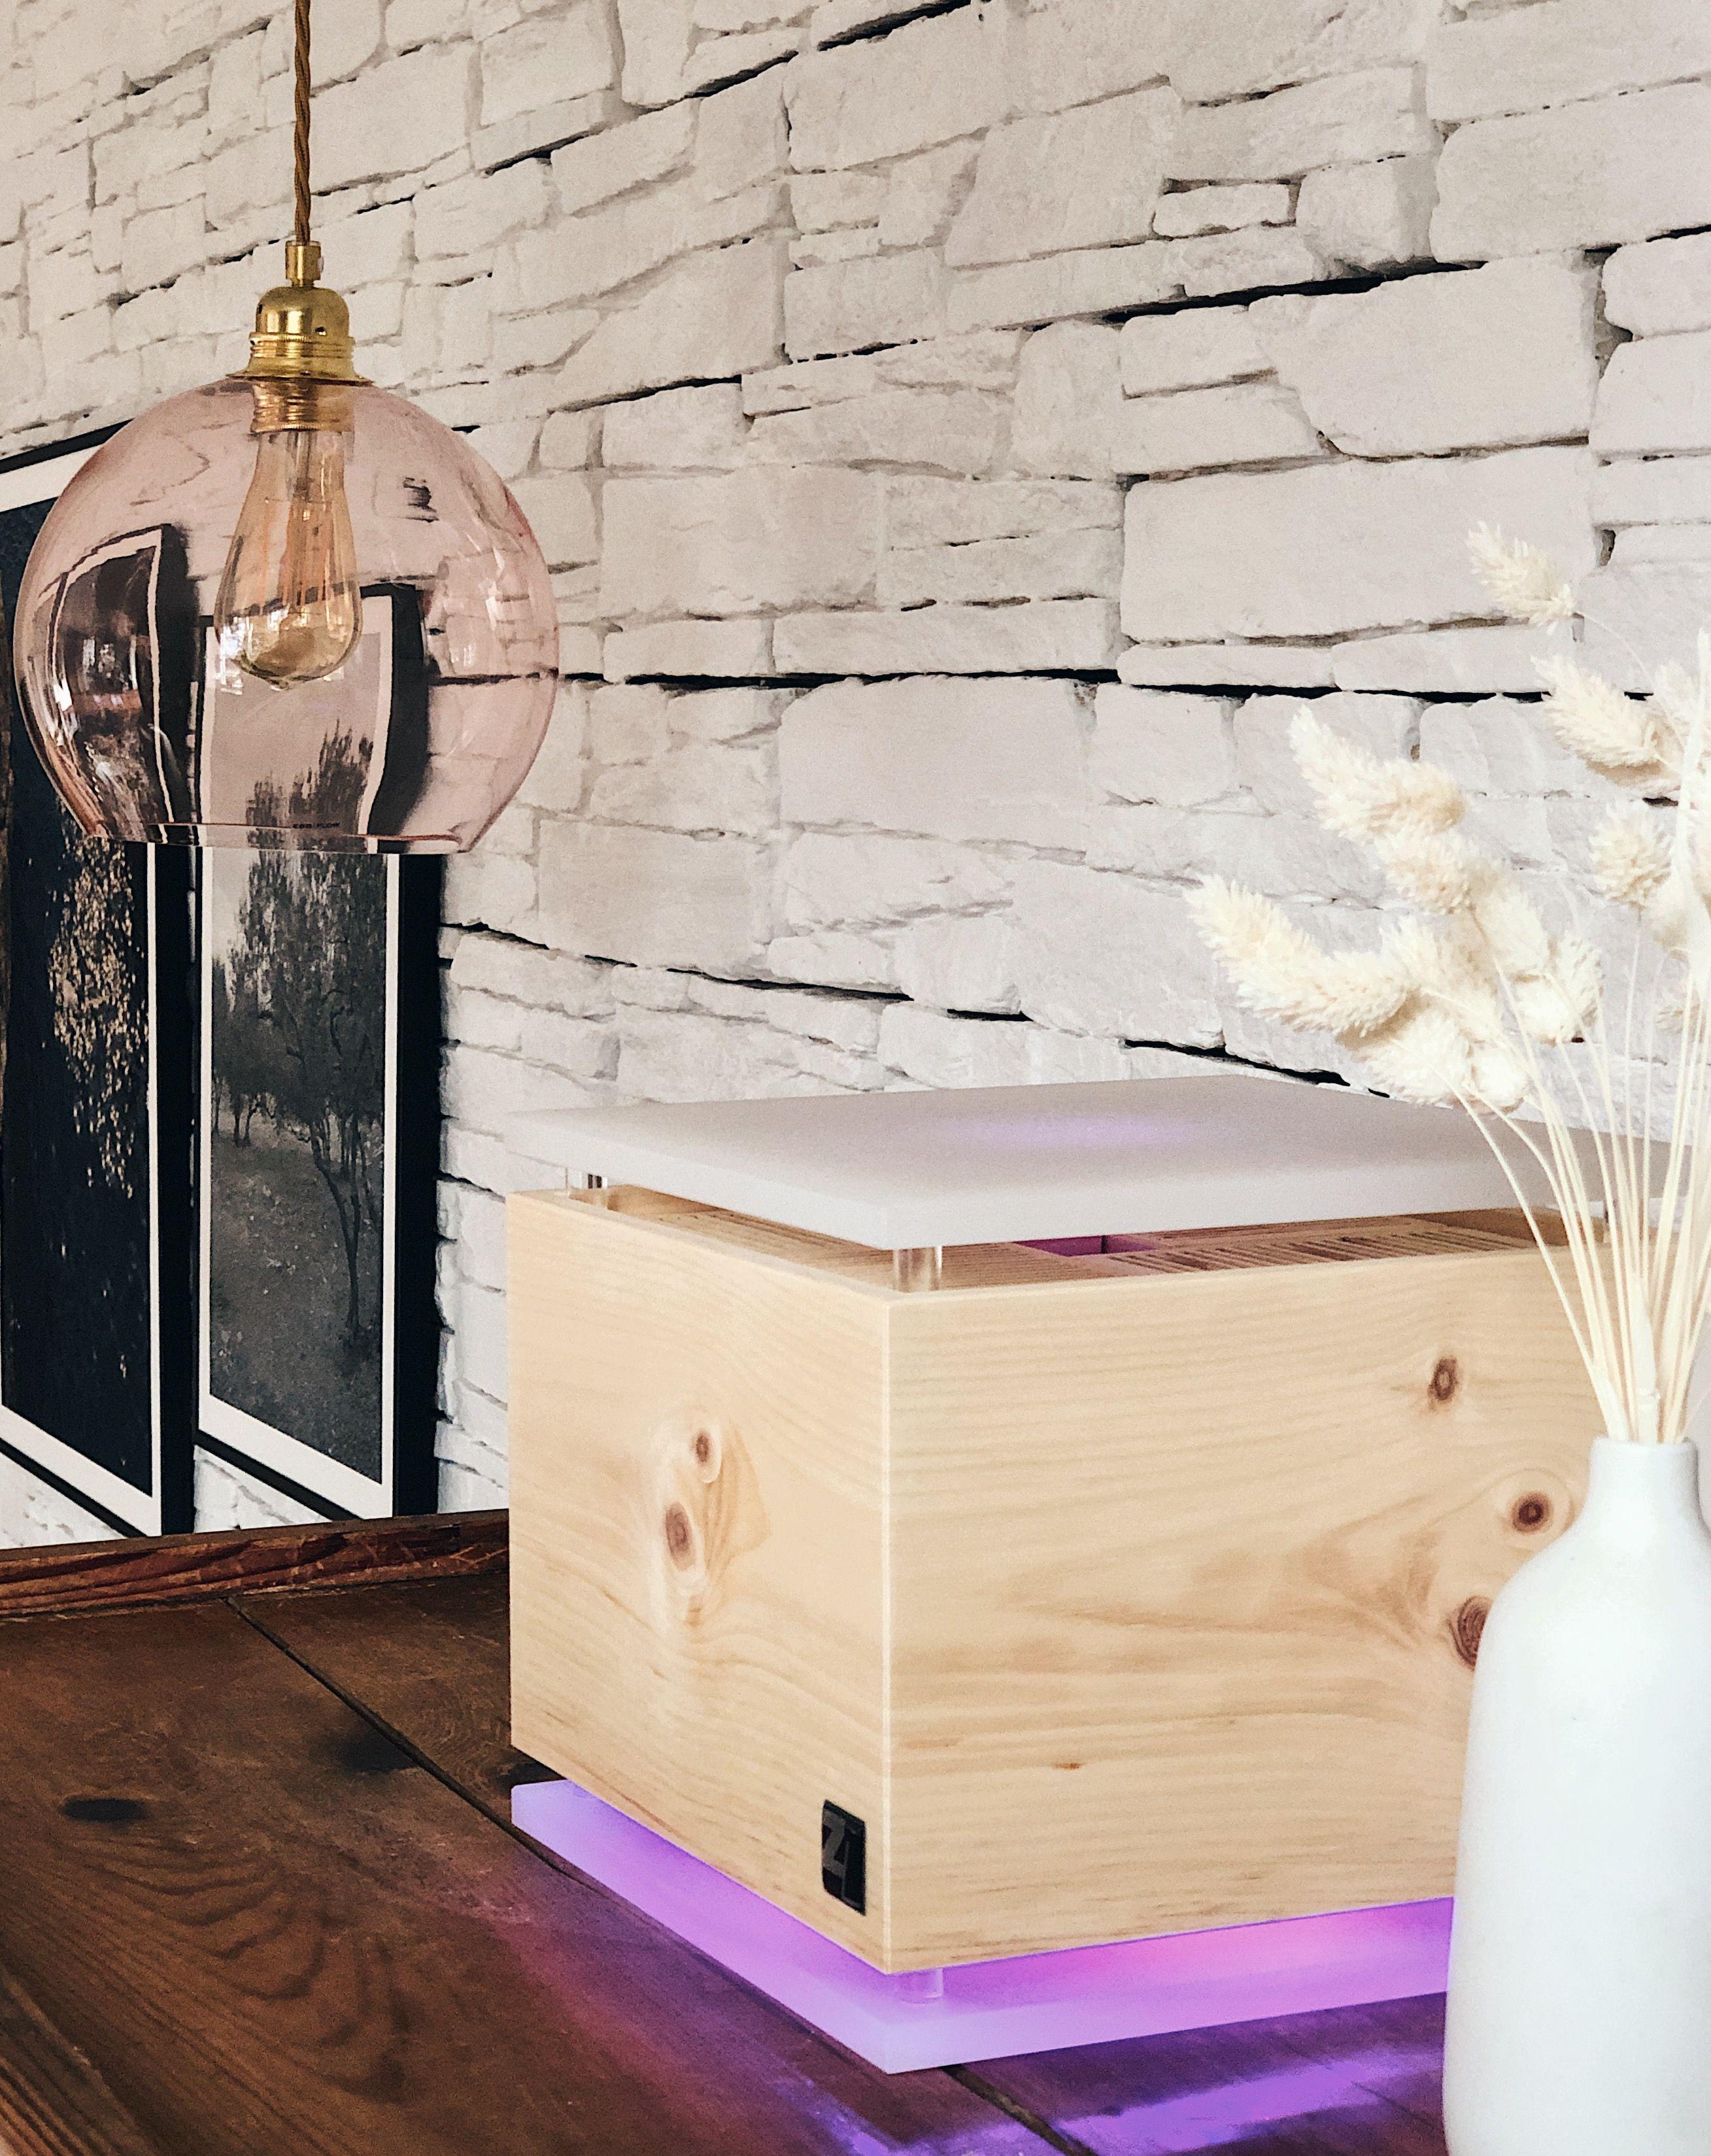 Der Zirbenlufter Cube Passt Mit Seinem Edlen Und Zeitlosen Design Zu Jedem Wohnstil Und Verbreitet Einen Angenehmen Und Wohl In 2020 Luftbefeuchter Luftreiniger Zirben